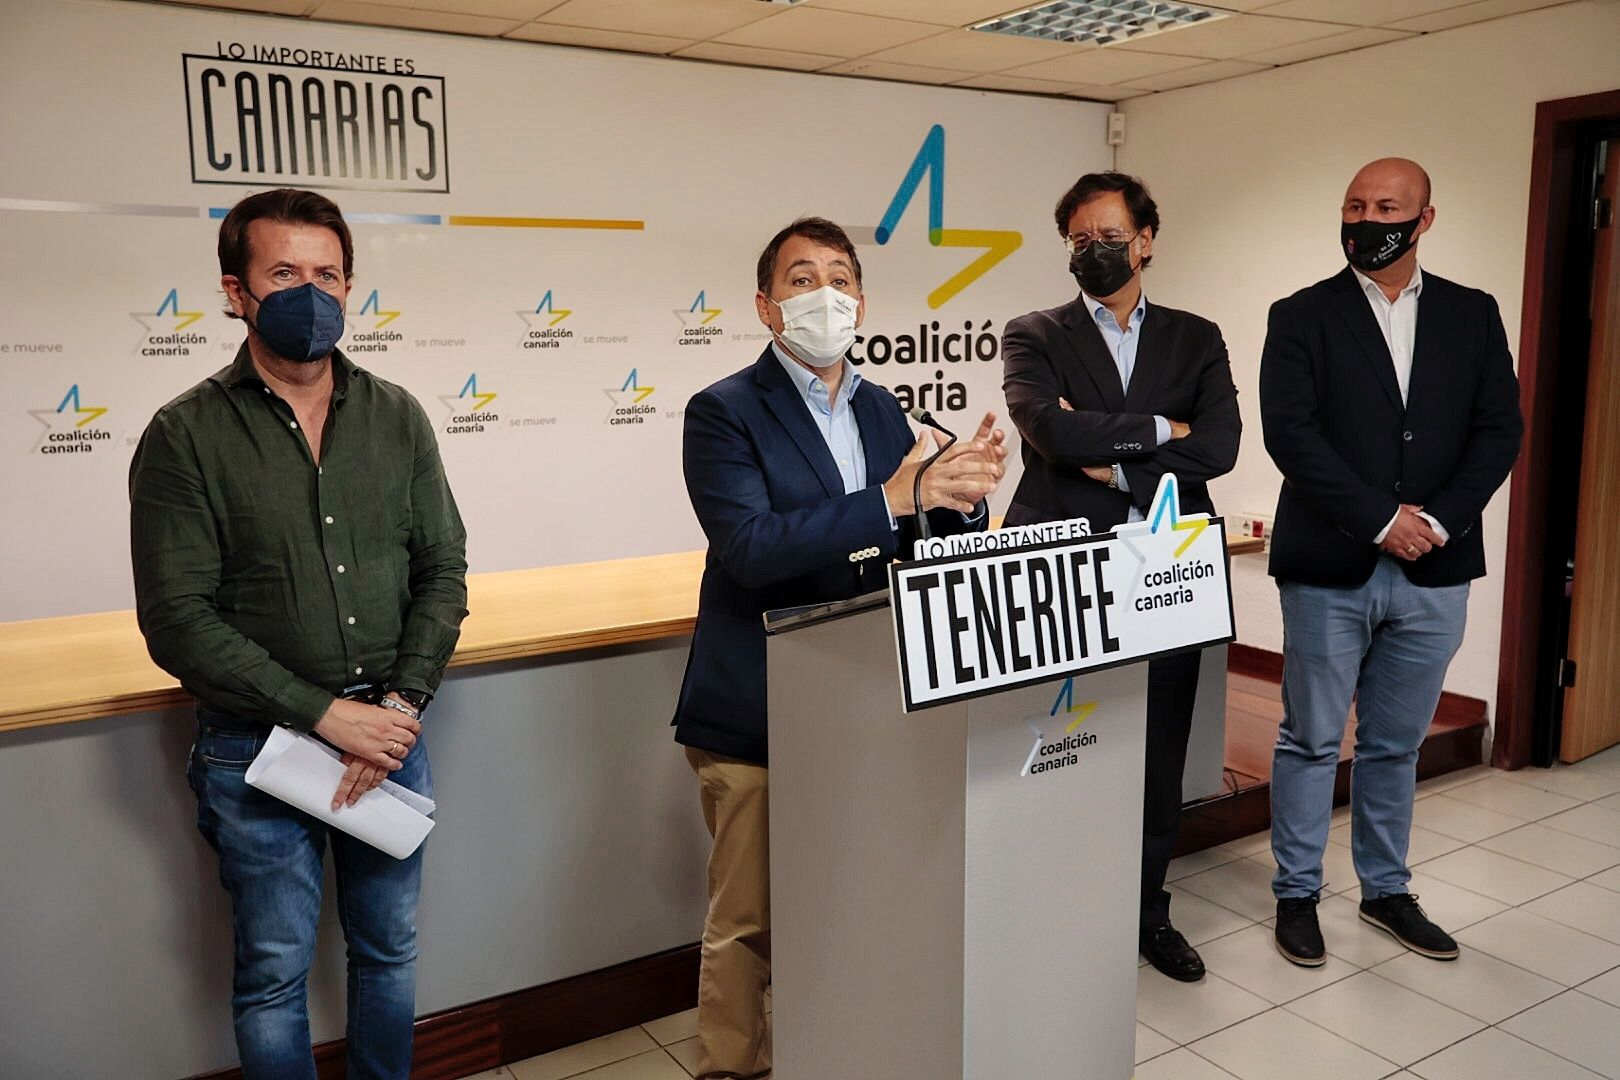 Rueda de prensa de CC sobre inversiones en Tenerife